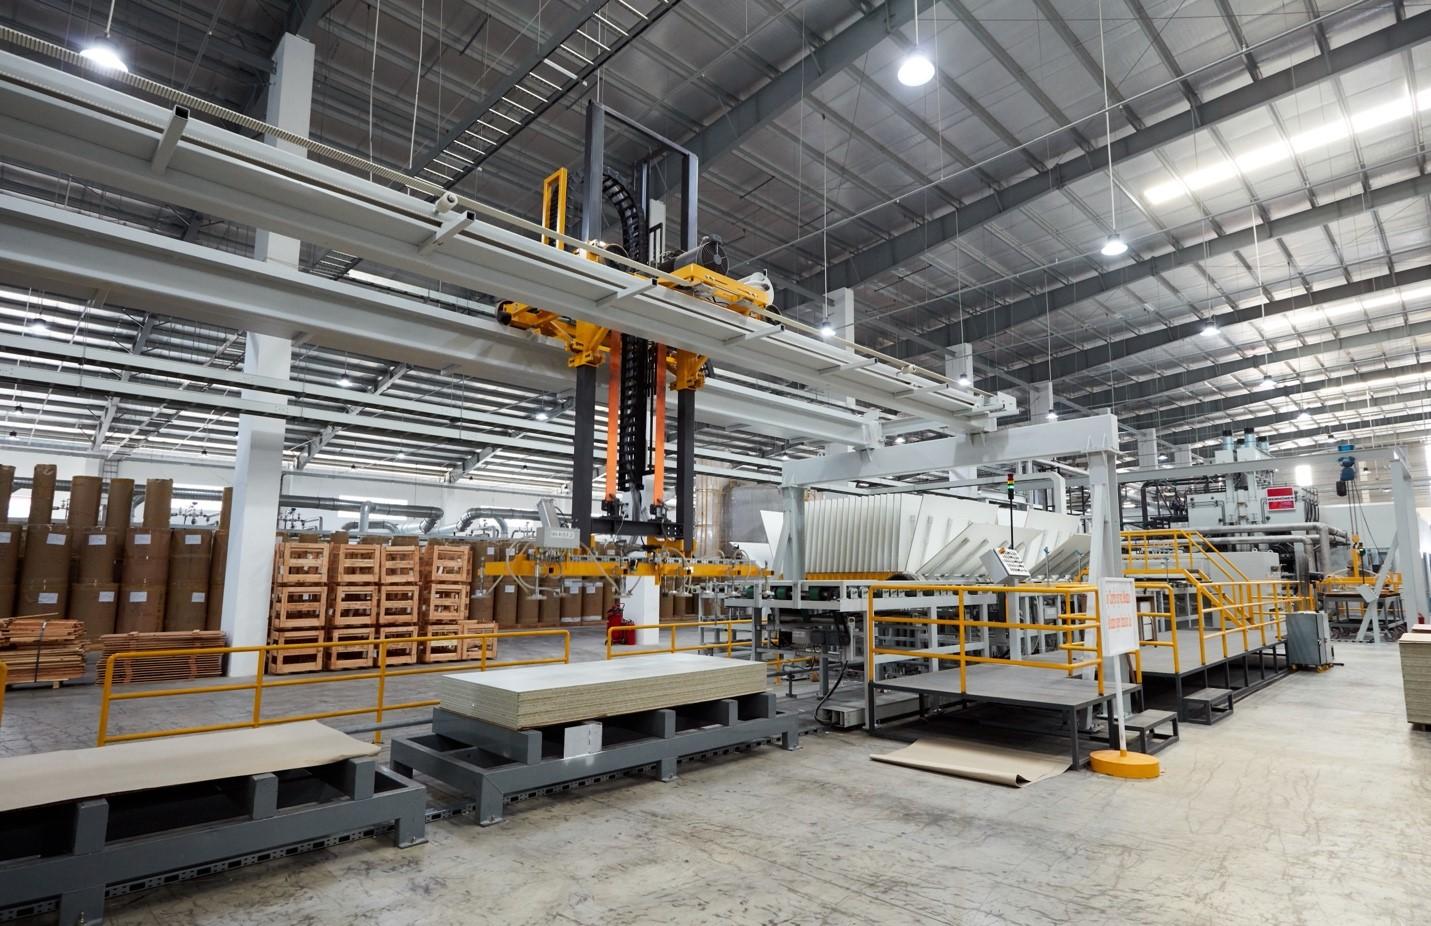 An Cường đầu tư nhà máy theo công nghệ hiện đại lên đến hàng trăm triệu USD